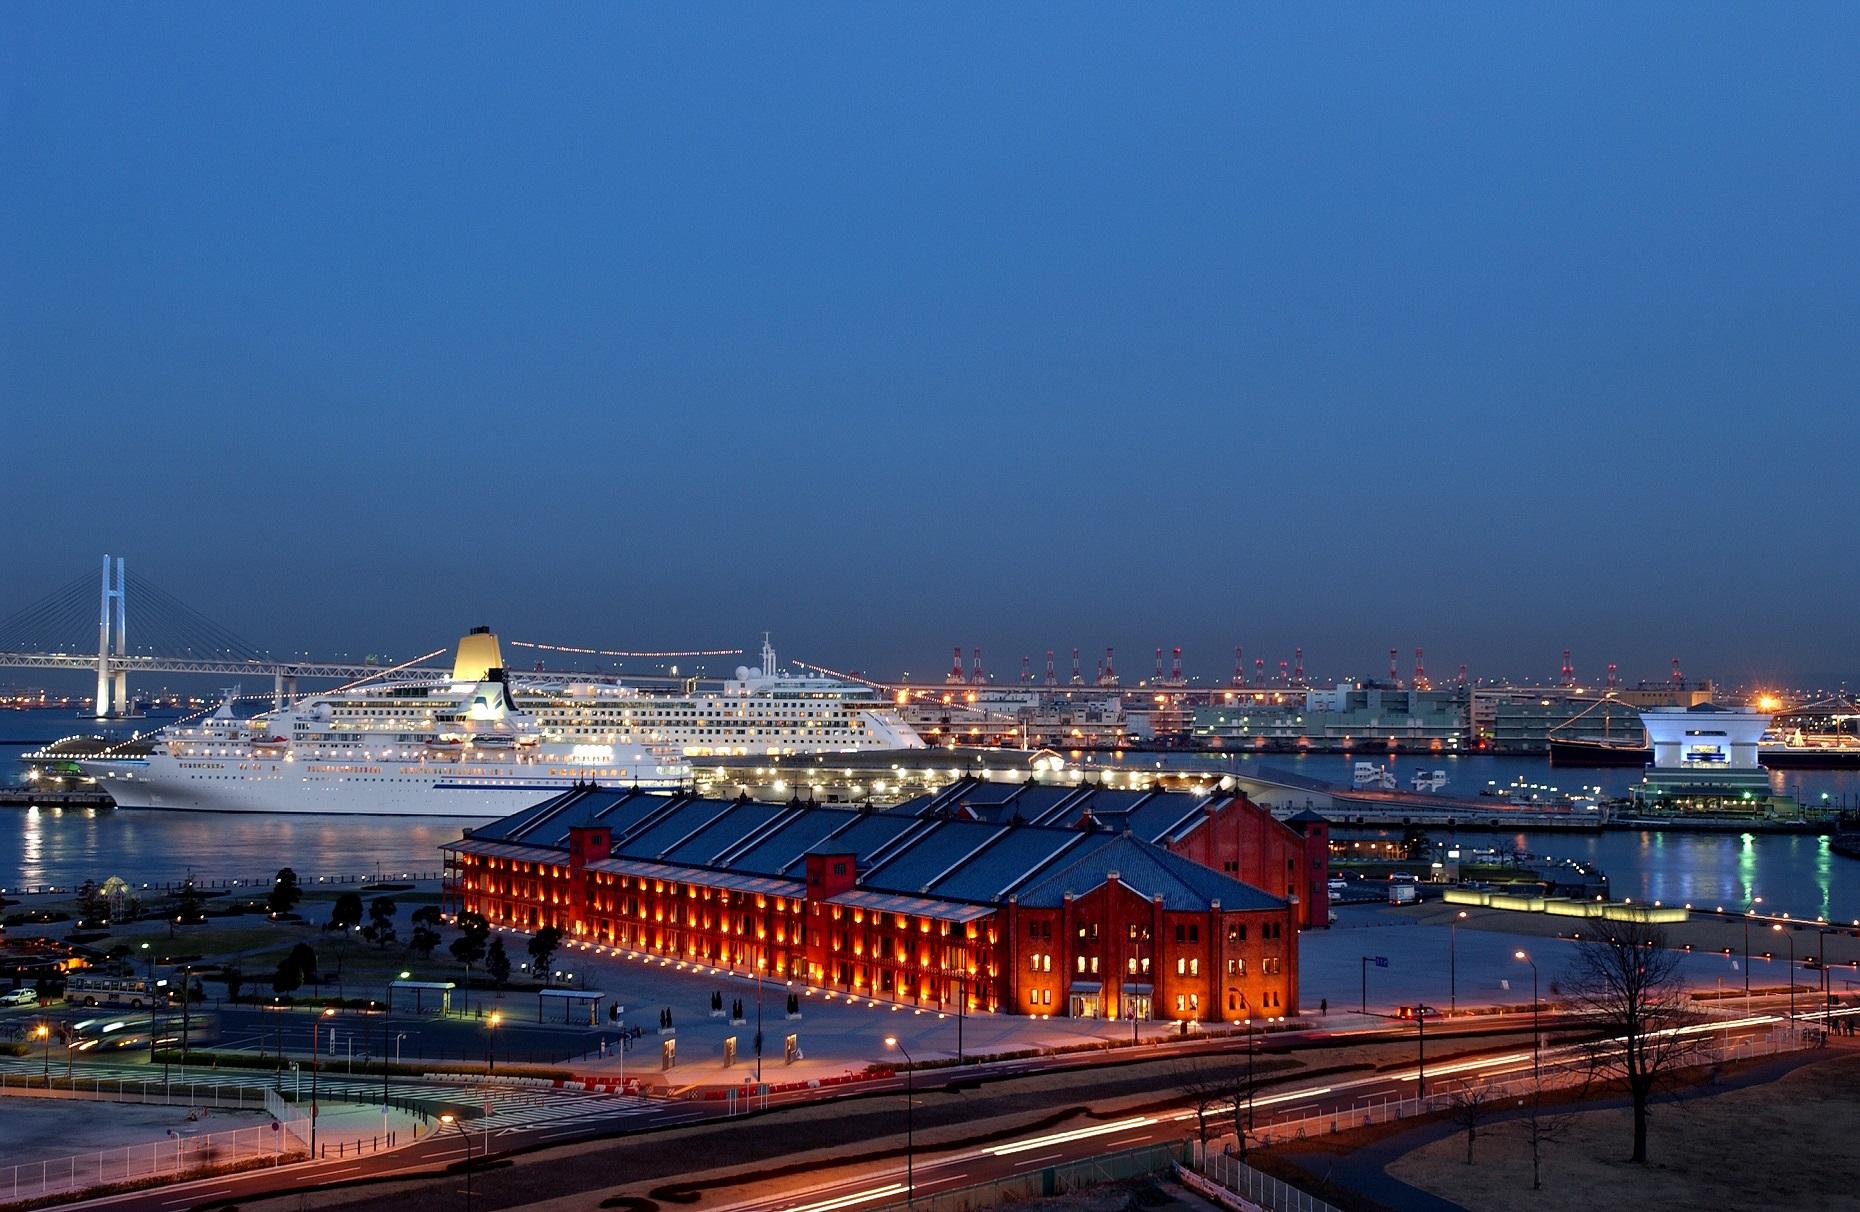 参加者募集中!!!! 横浜赤レンガ倉庫「企業・地域と劇場をつなぐ赤レンガ・ダンスプロジェクト」とは!